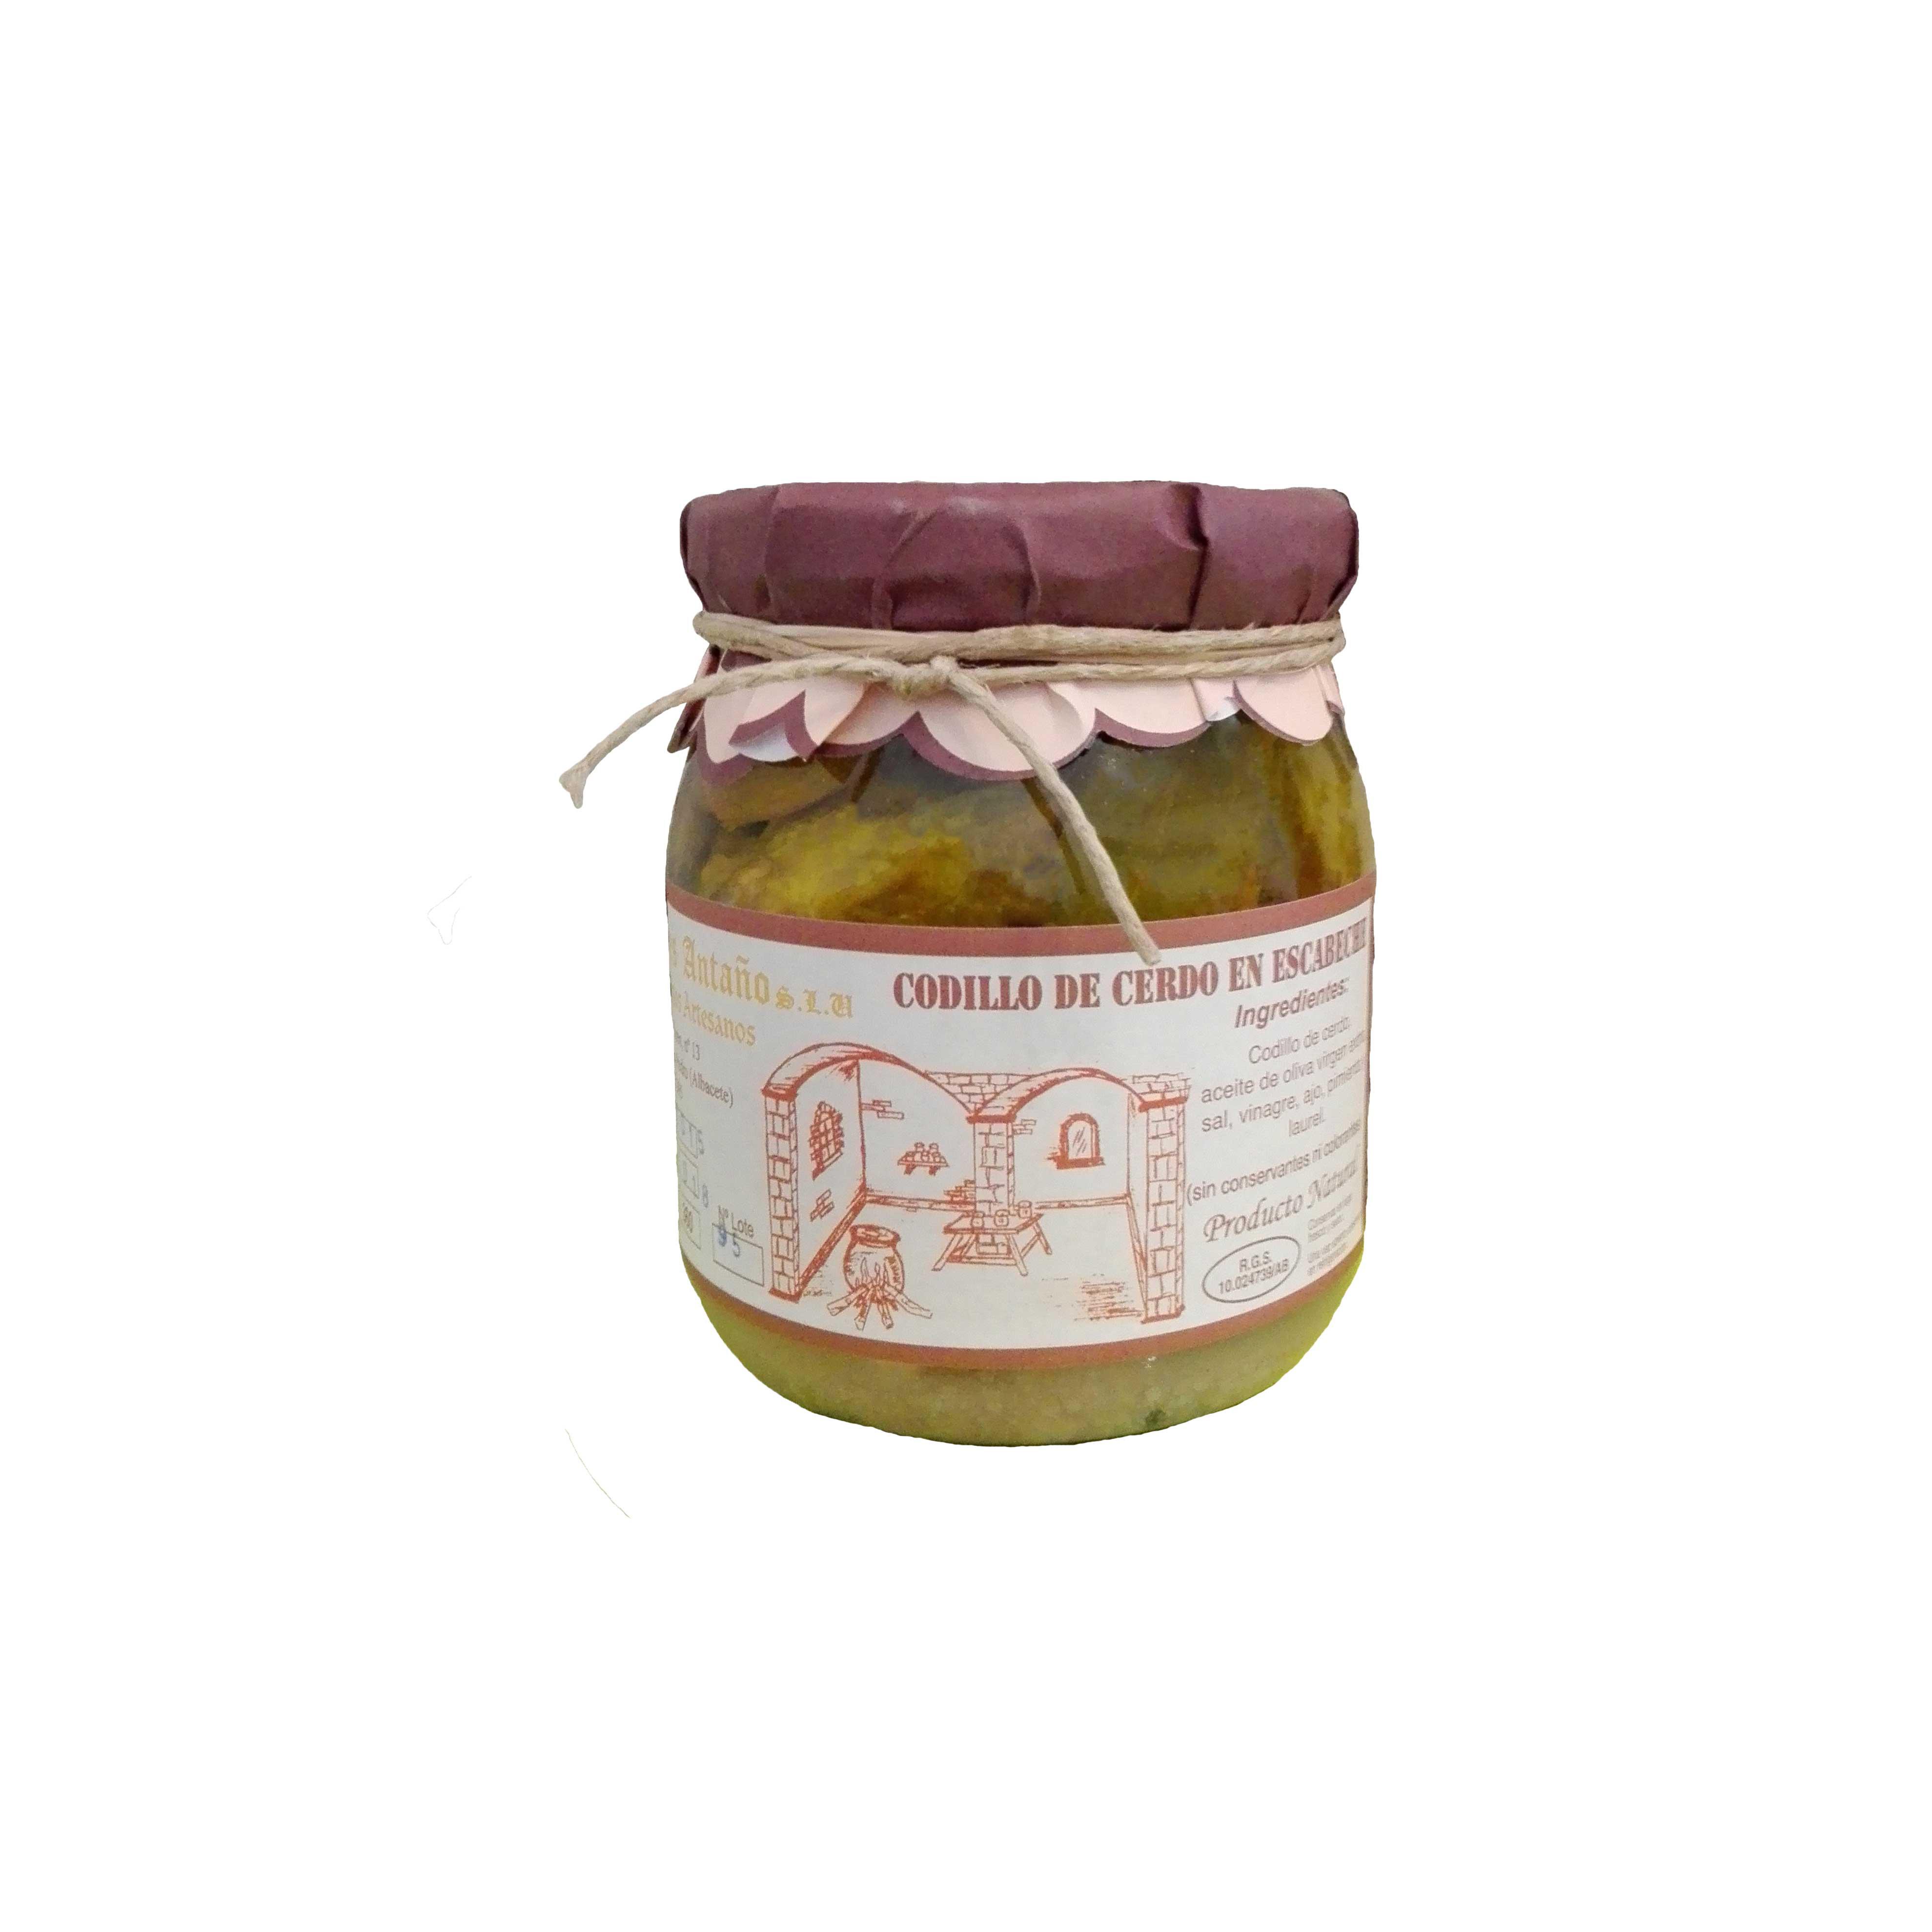 Comprar Codillo de Cerdo en escabeche de Escabeches Antaño, elaboración artesanal. Receta tradicional. Producto Gourmet de Albacete, Castilla – La Mancha